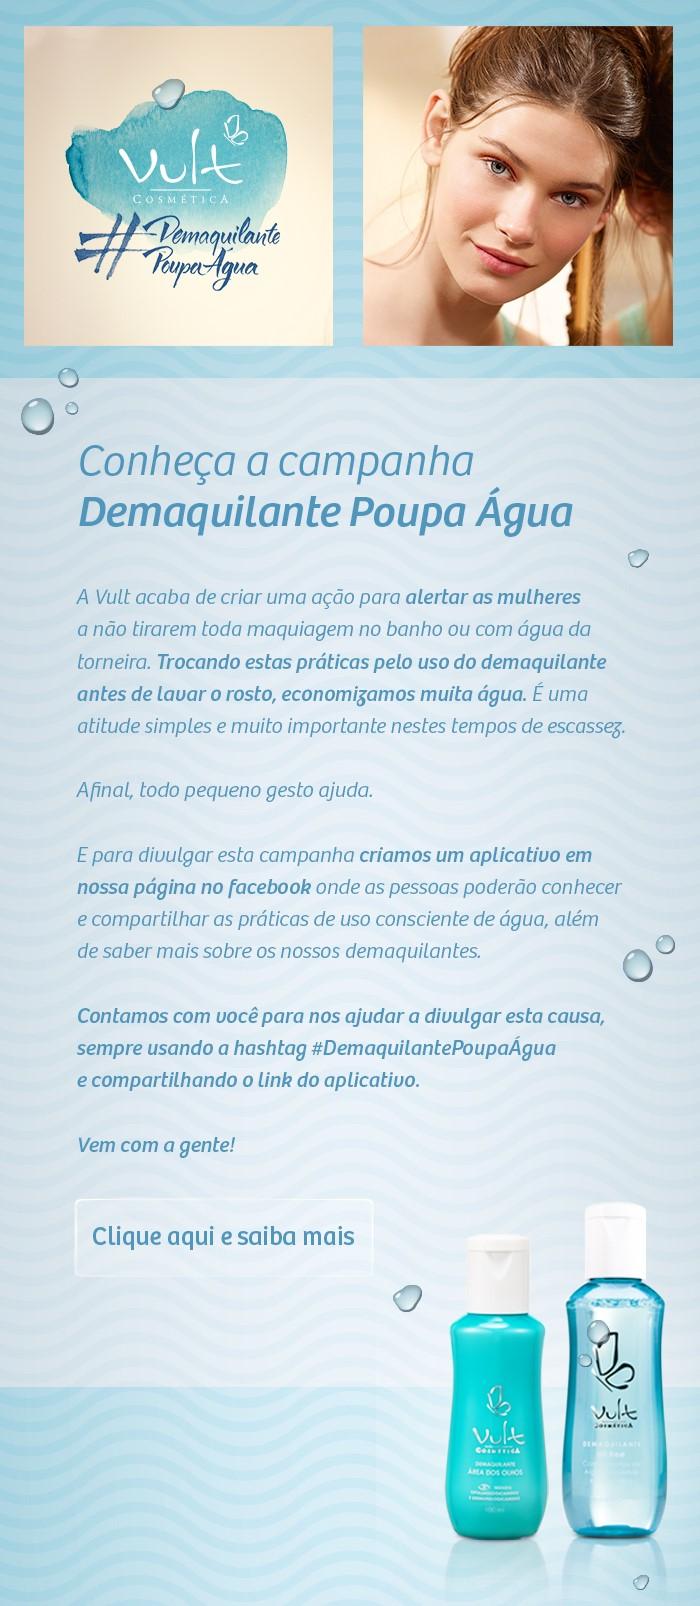 Vult - Demaquilante Poupa Água